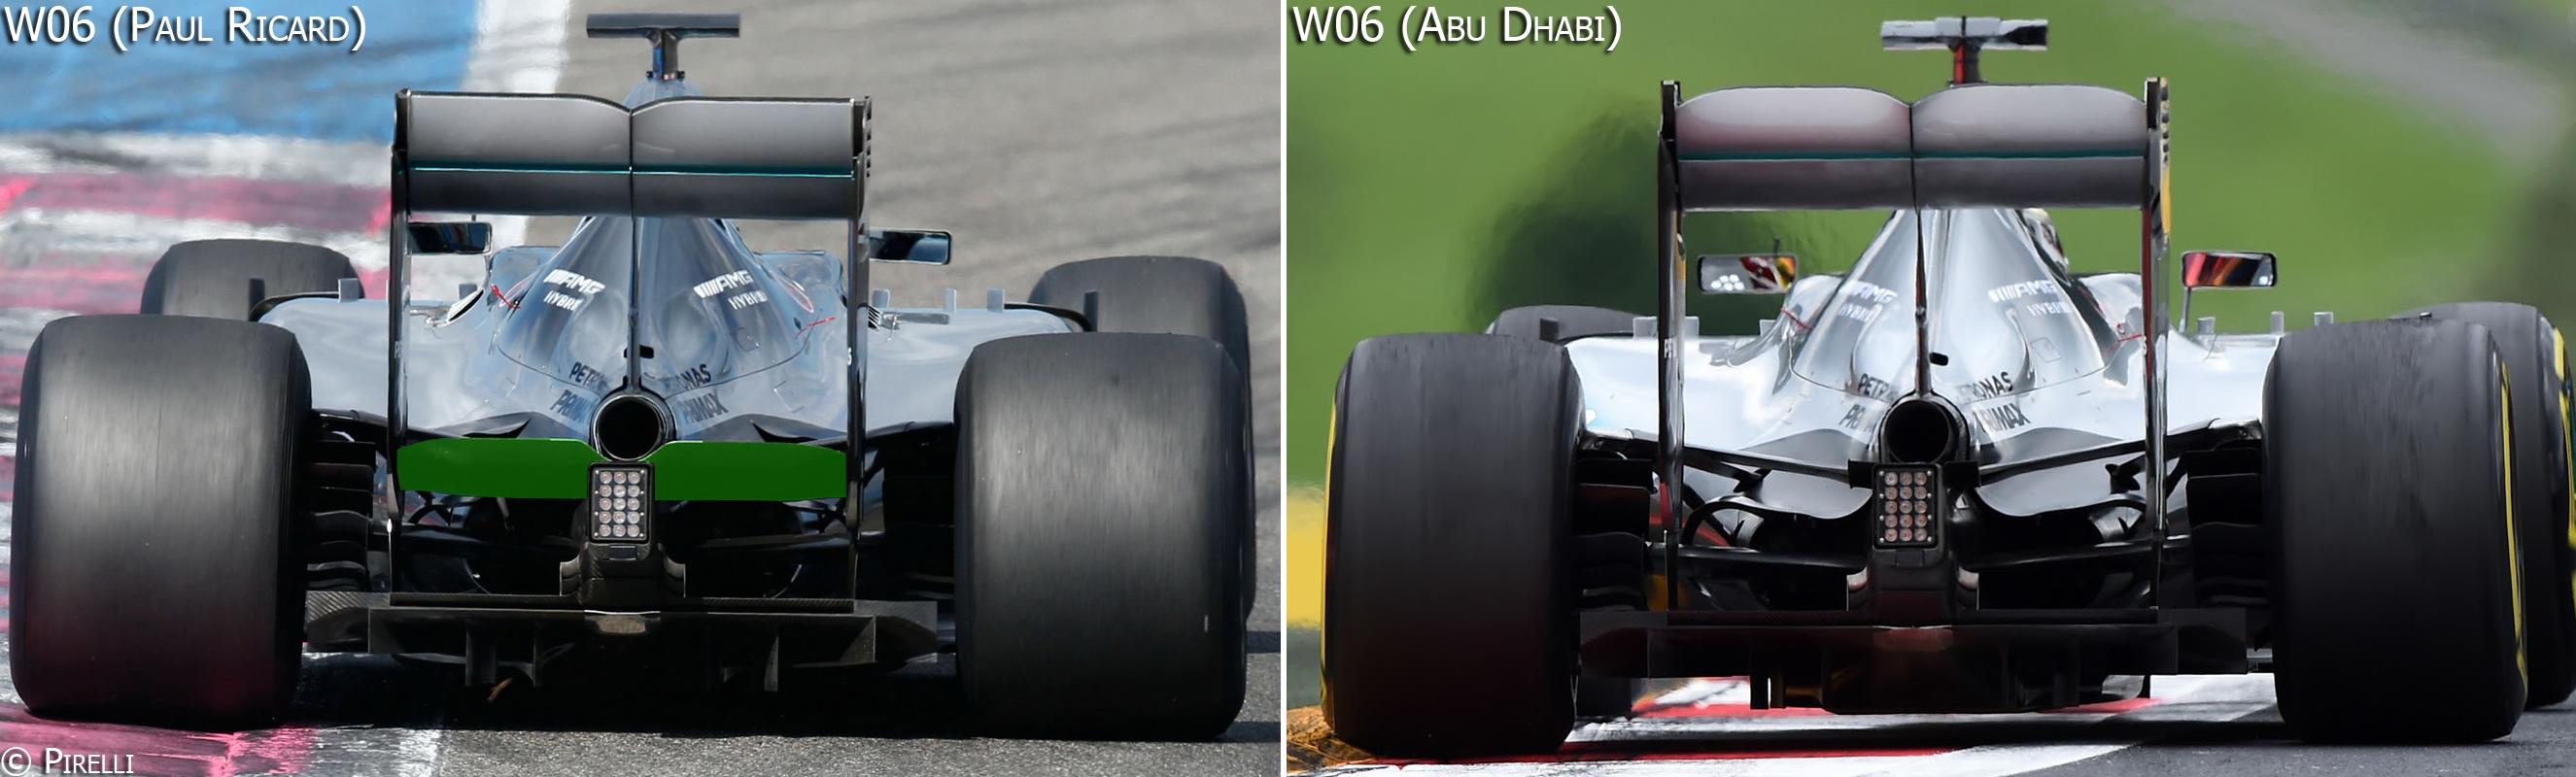 w06-rear(2)